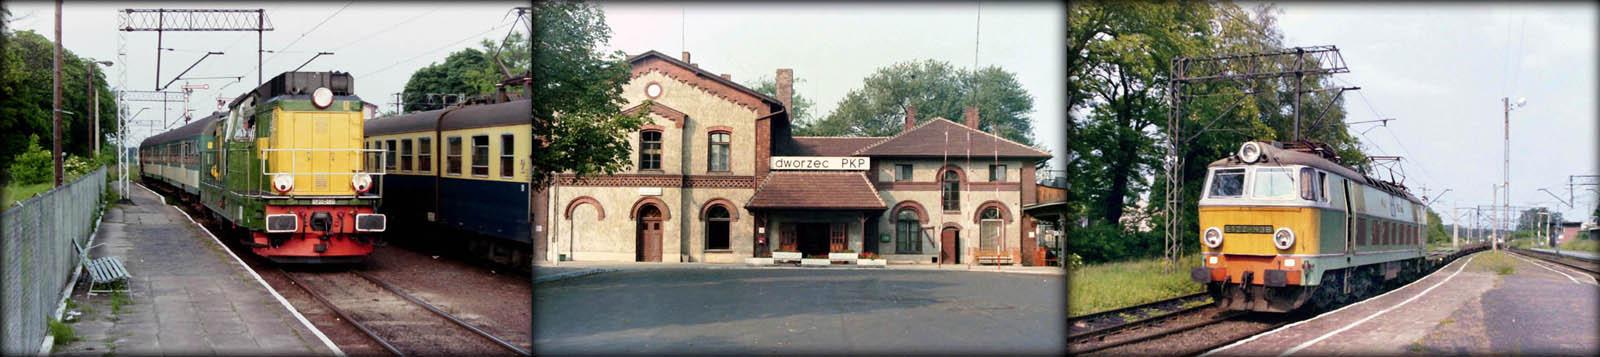 SP32-091 przyprowadziła wieczorny pociąg z Międzyrzecza do Rzepina w dniu 11.06.1994. Dworzec w dniu 23.09.1989. Rzepin 11.06.1994. ET22-438 wjeżdża z towarowym od strony Zbąszynka.